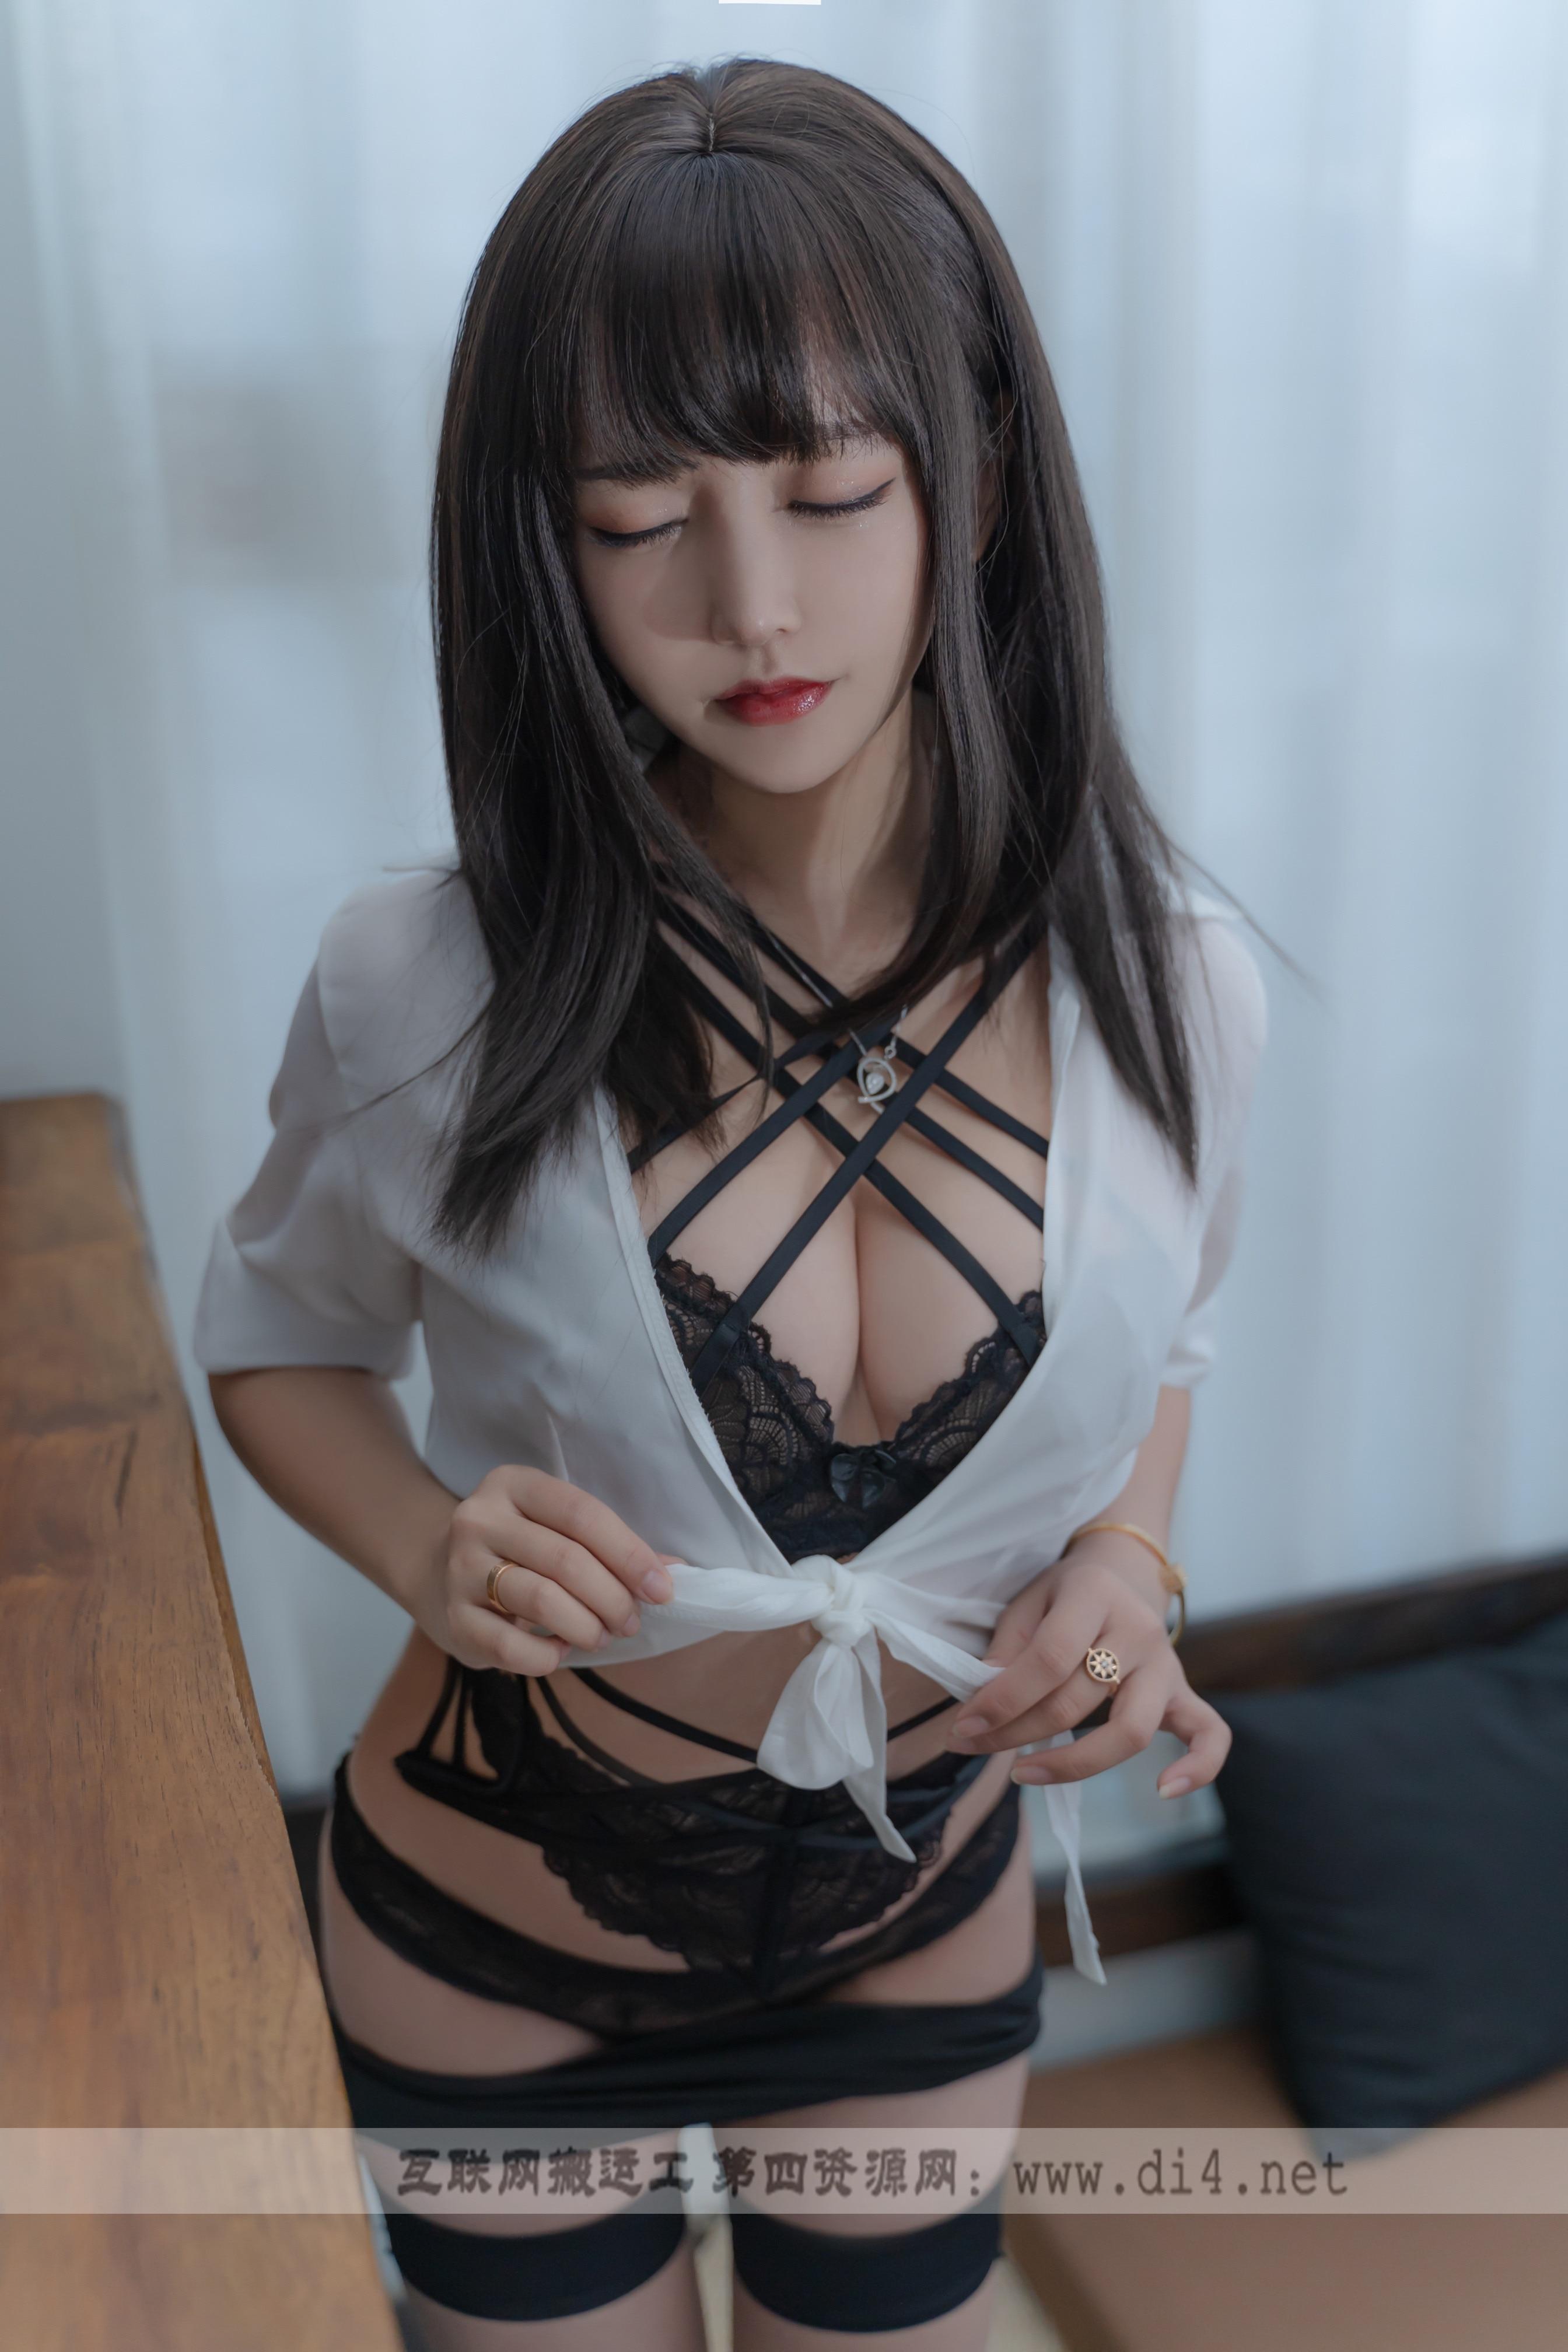 斗鱼主播@过期米线线喵 2套最新作品合集[89P/166M]